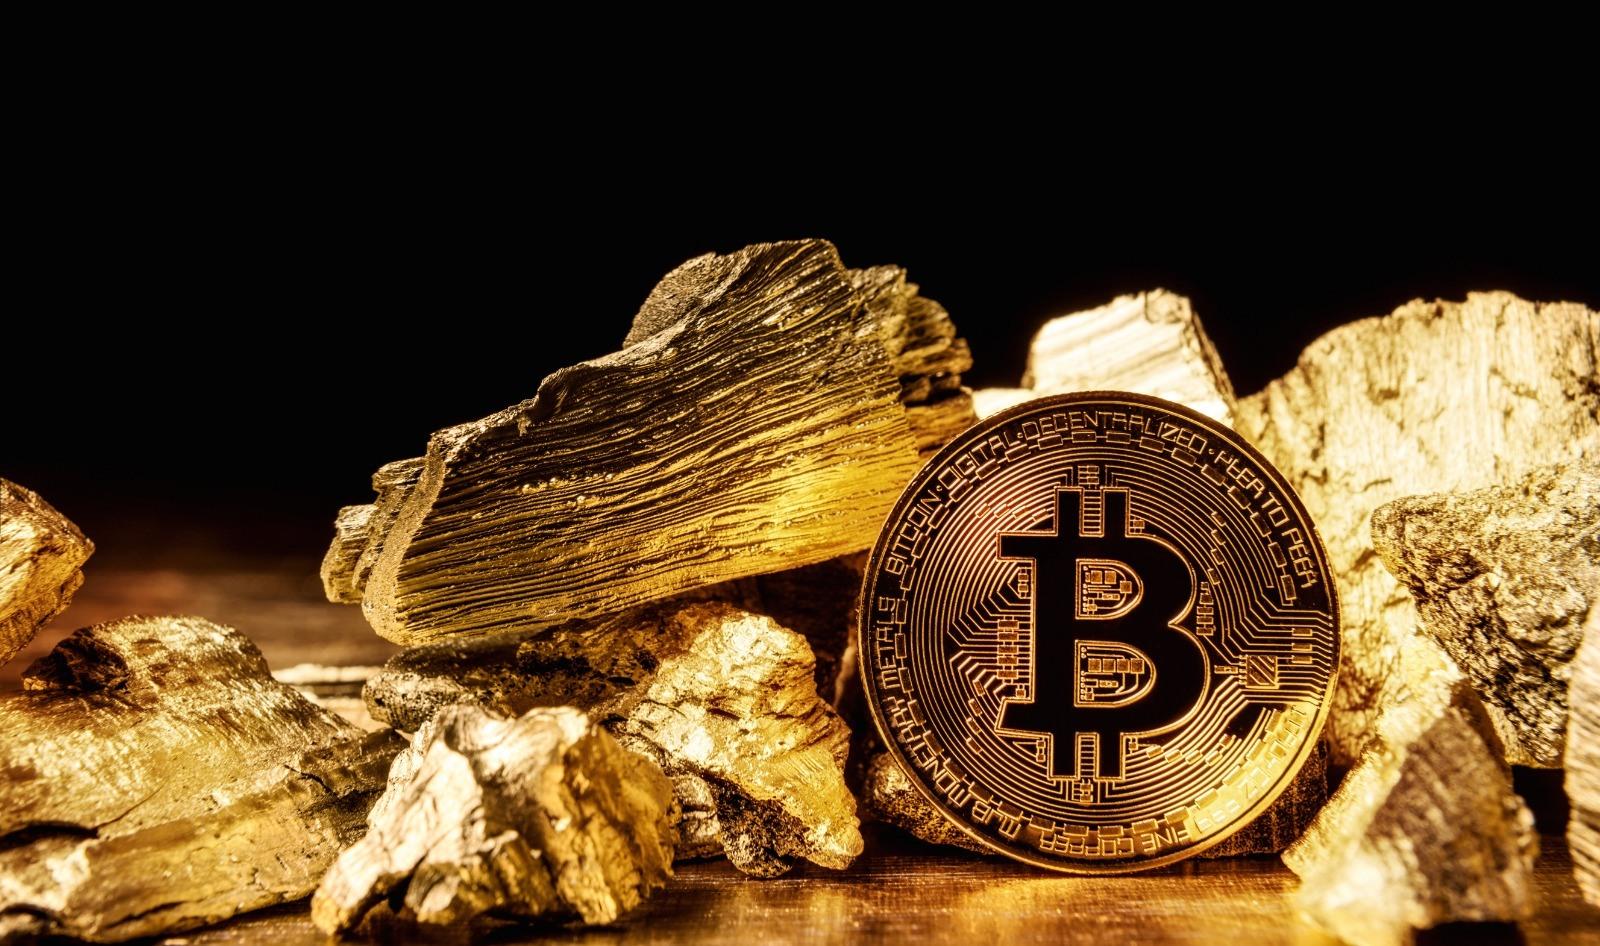 Kripto Para Yerine Yatırım Yapabileceğiniz Alternatif Yatırım Aracı